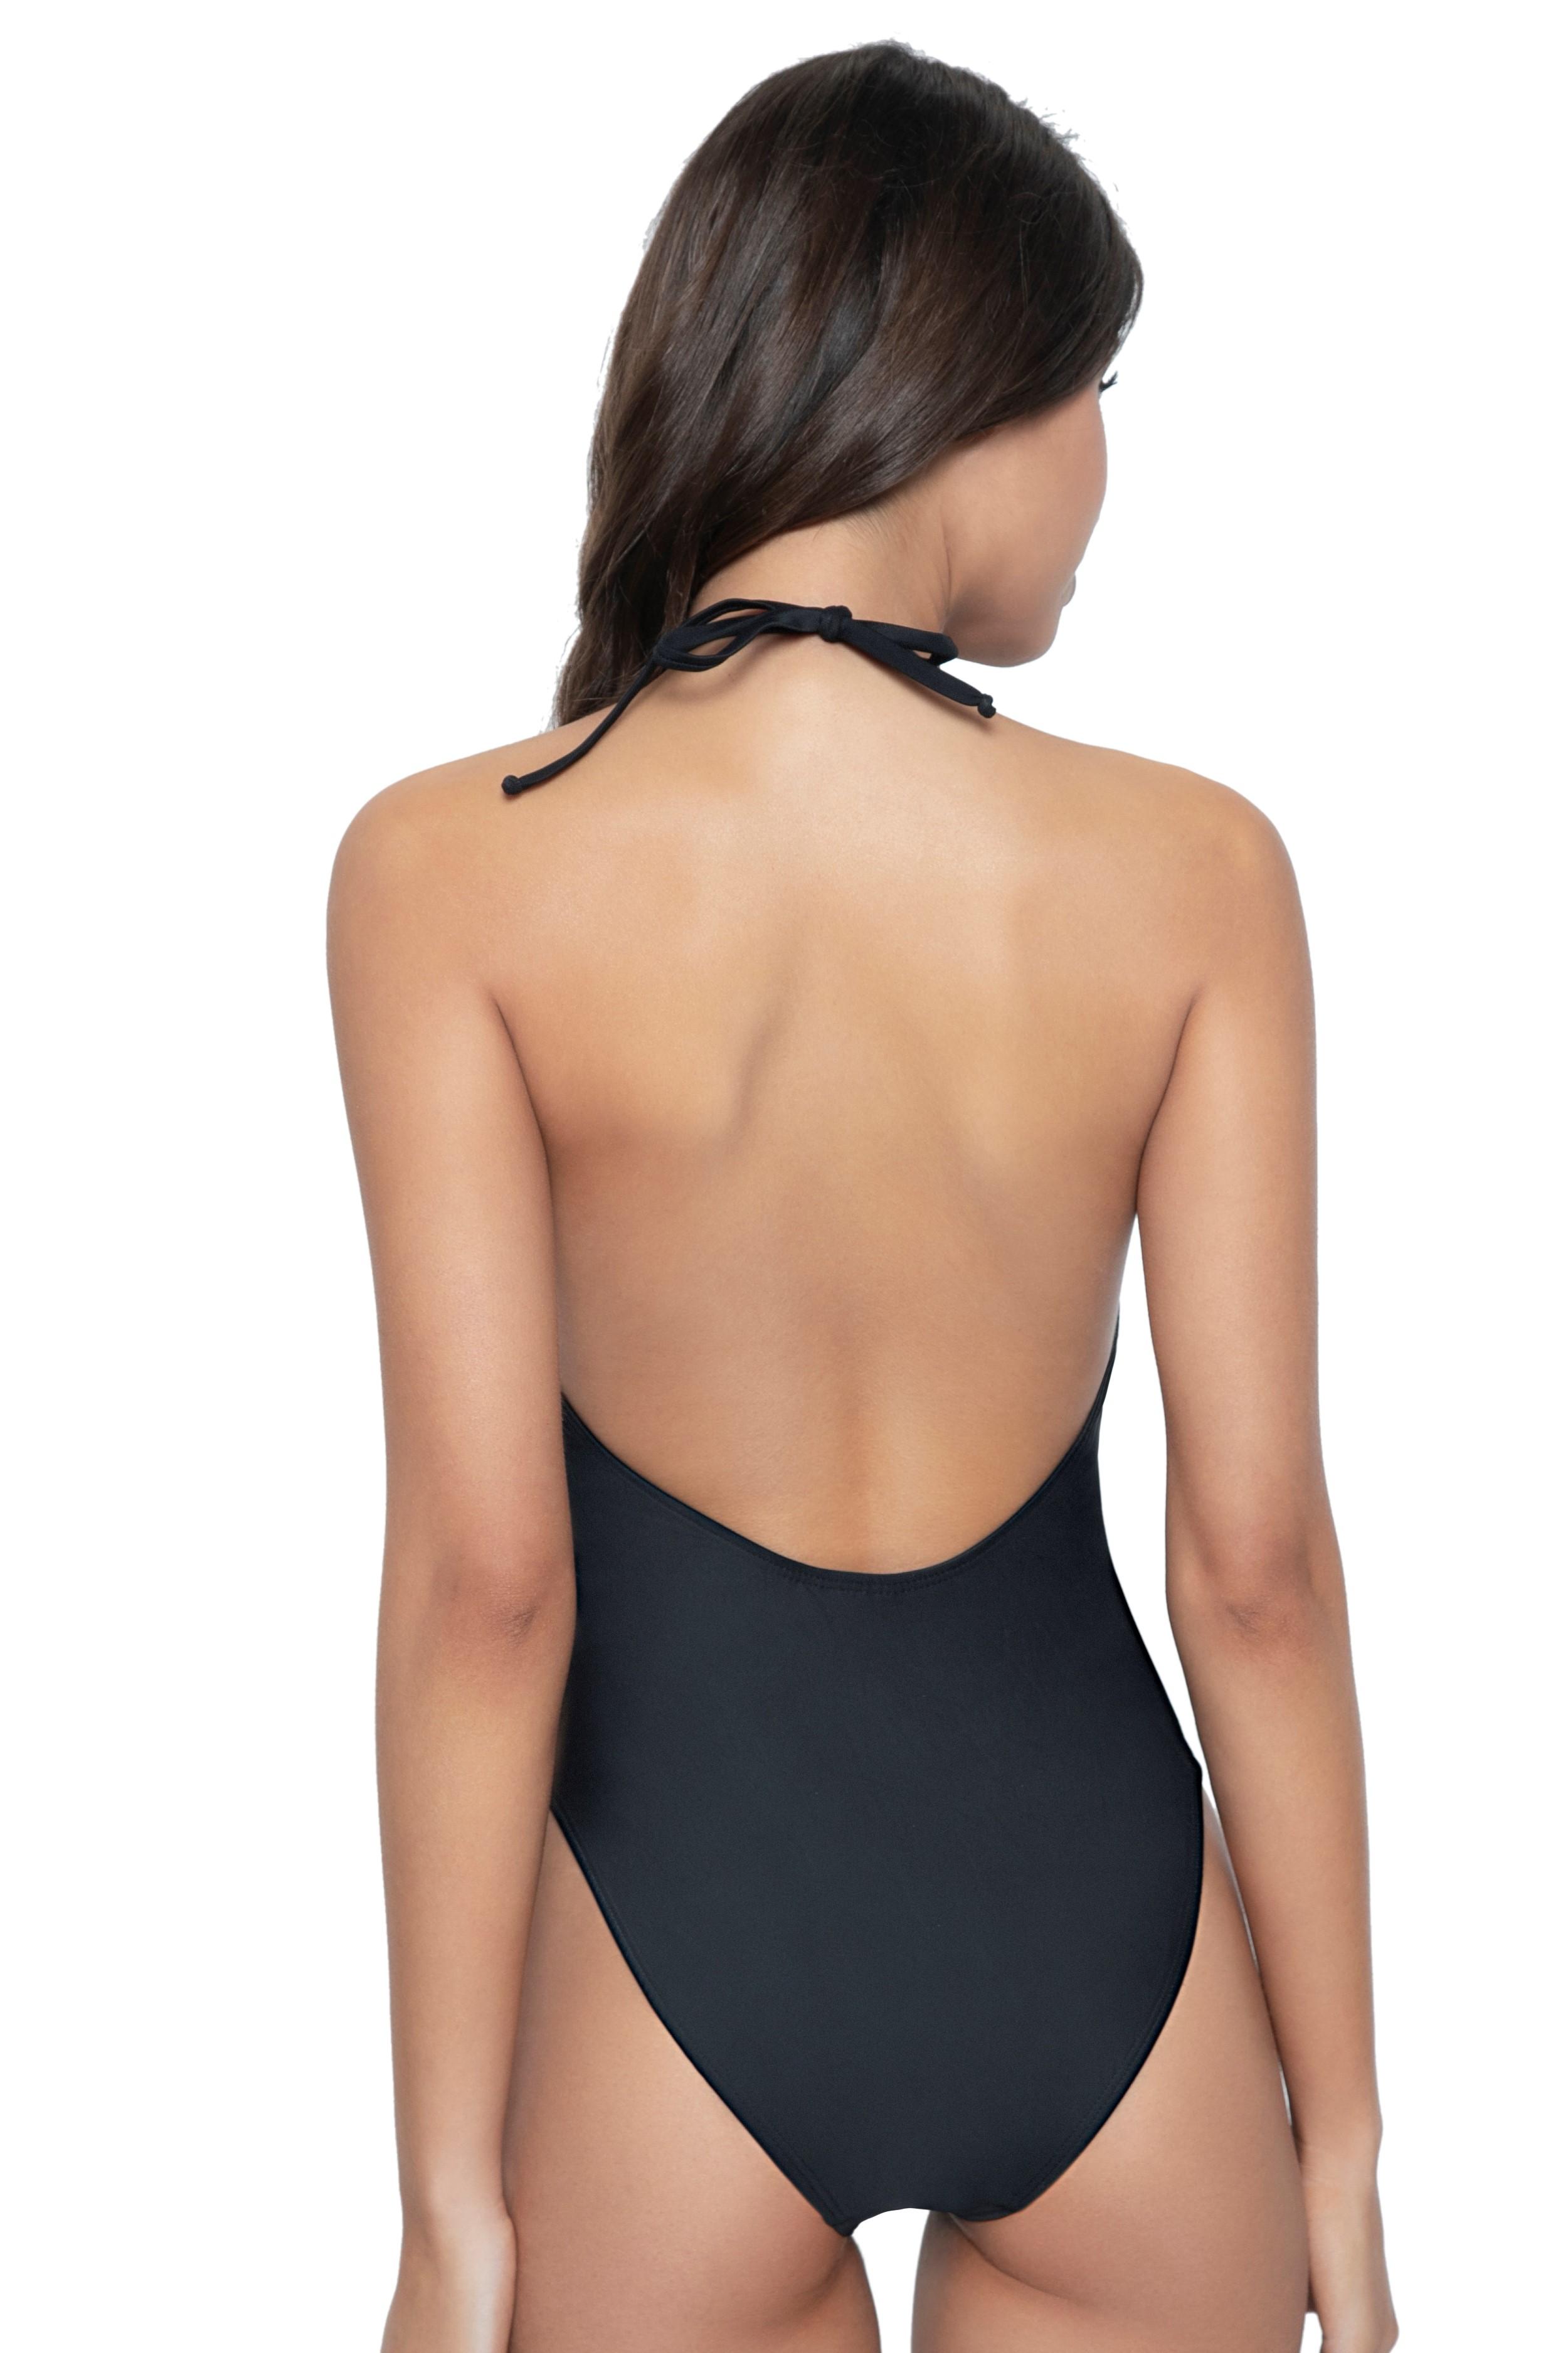 Pilyq Swim Midnight Lace High Neck Swimsuit